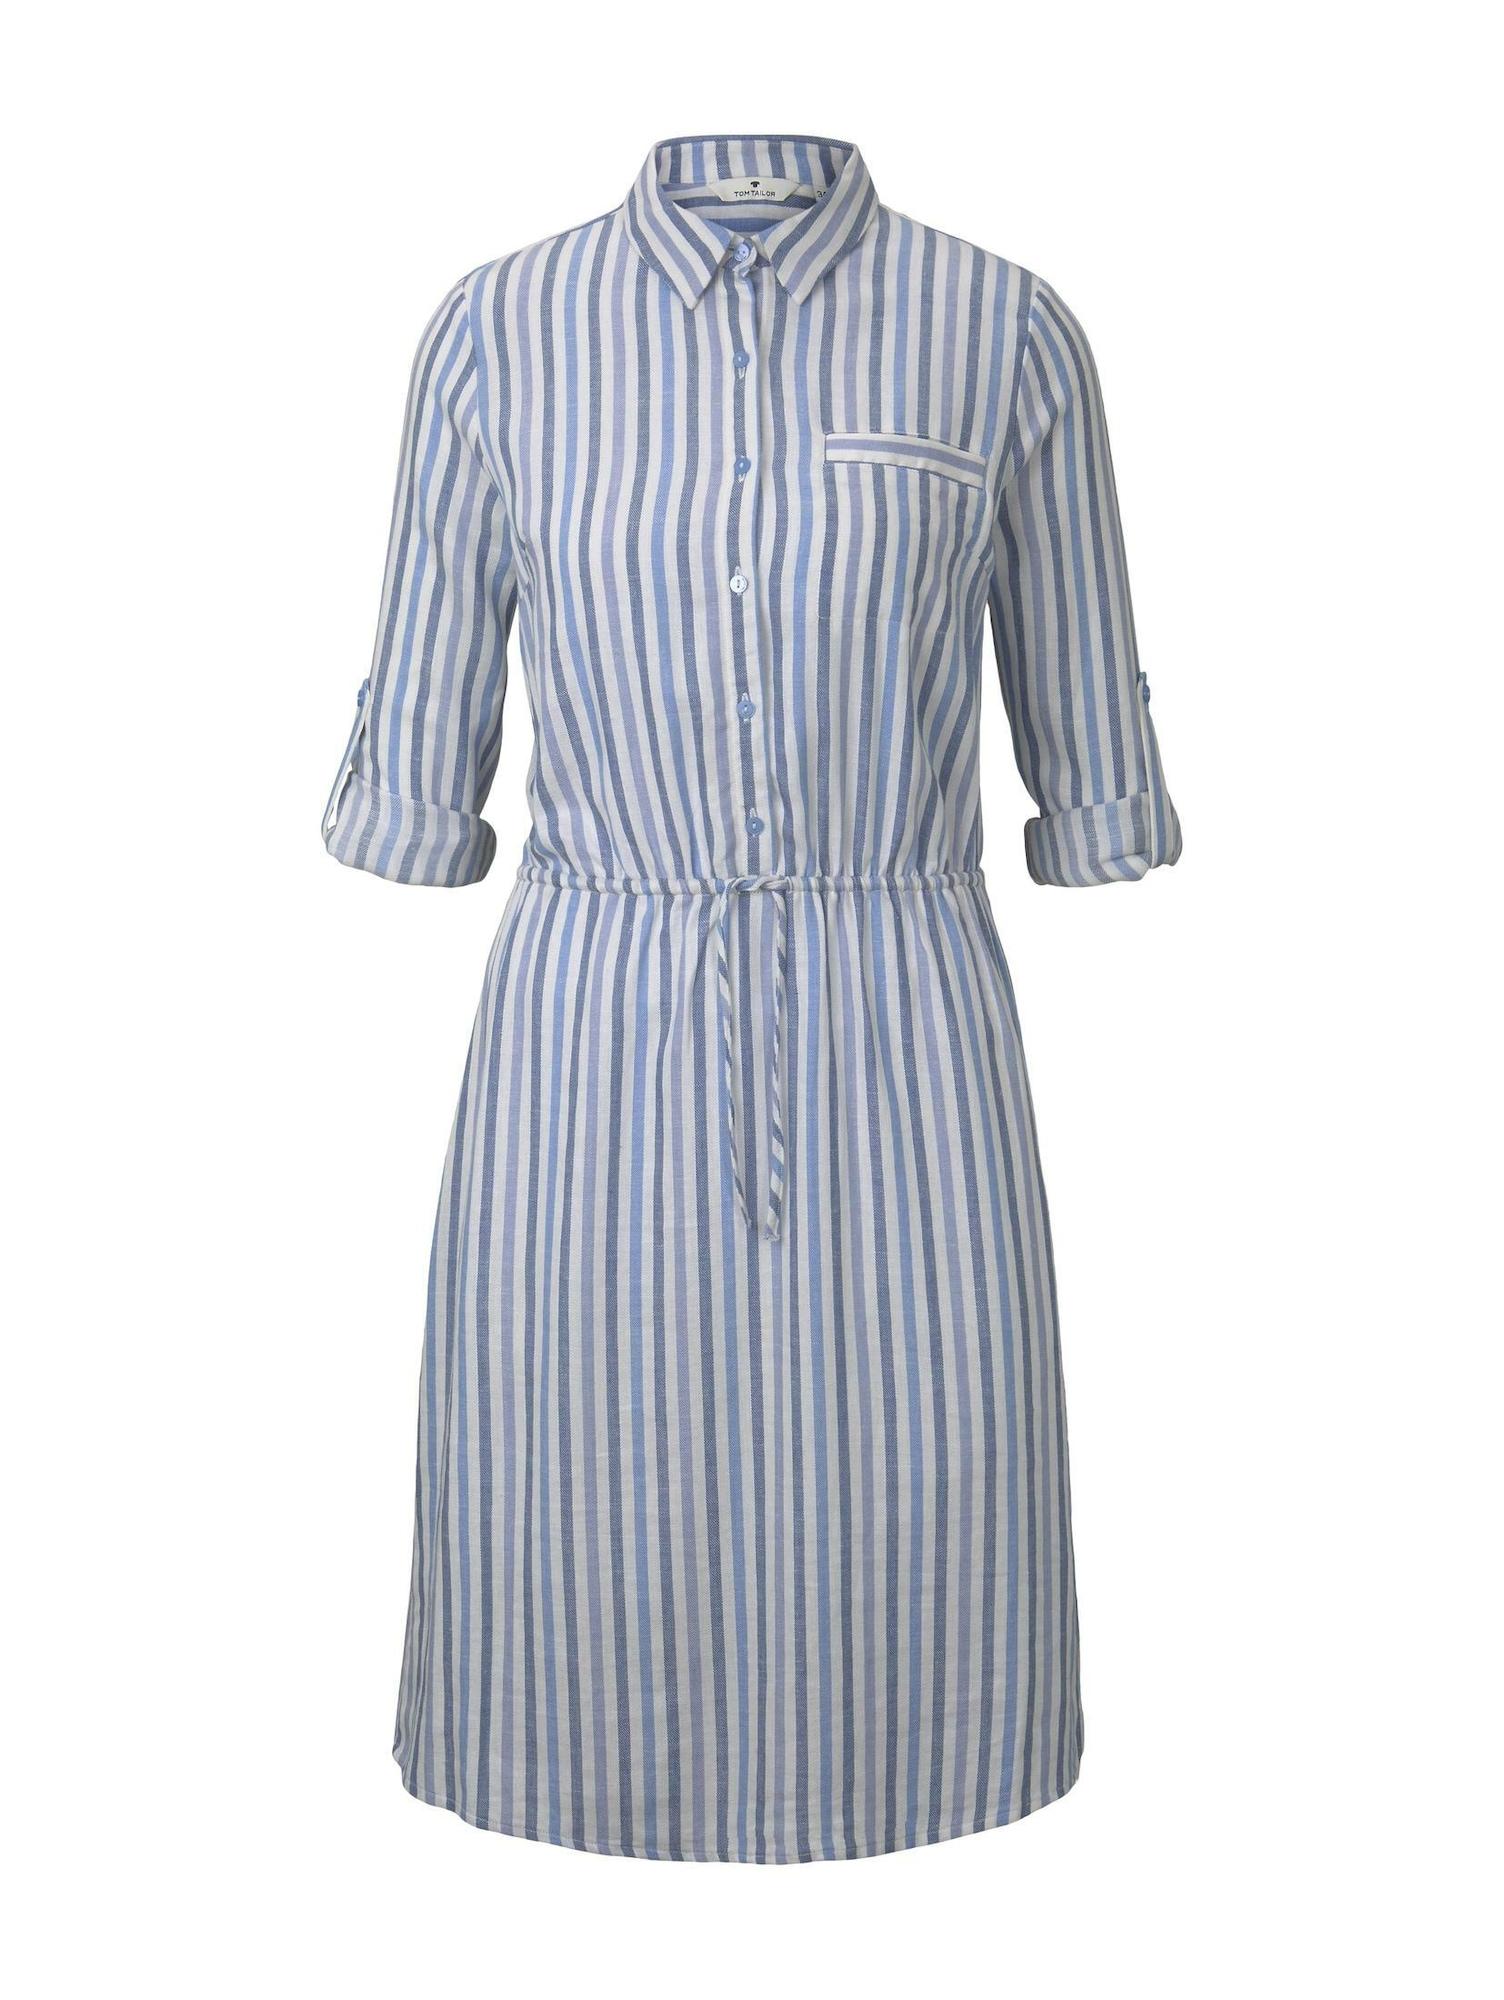 TOM TAILOR Vasarinė suknelė melsvai pilka / šviesiai mėlyna / balta